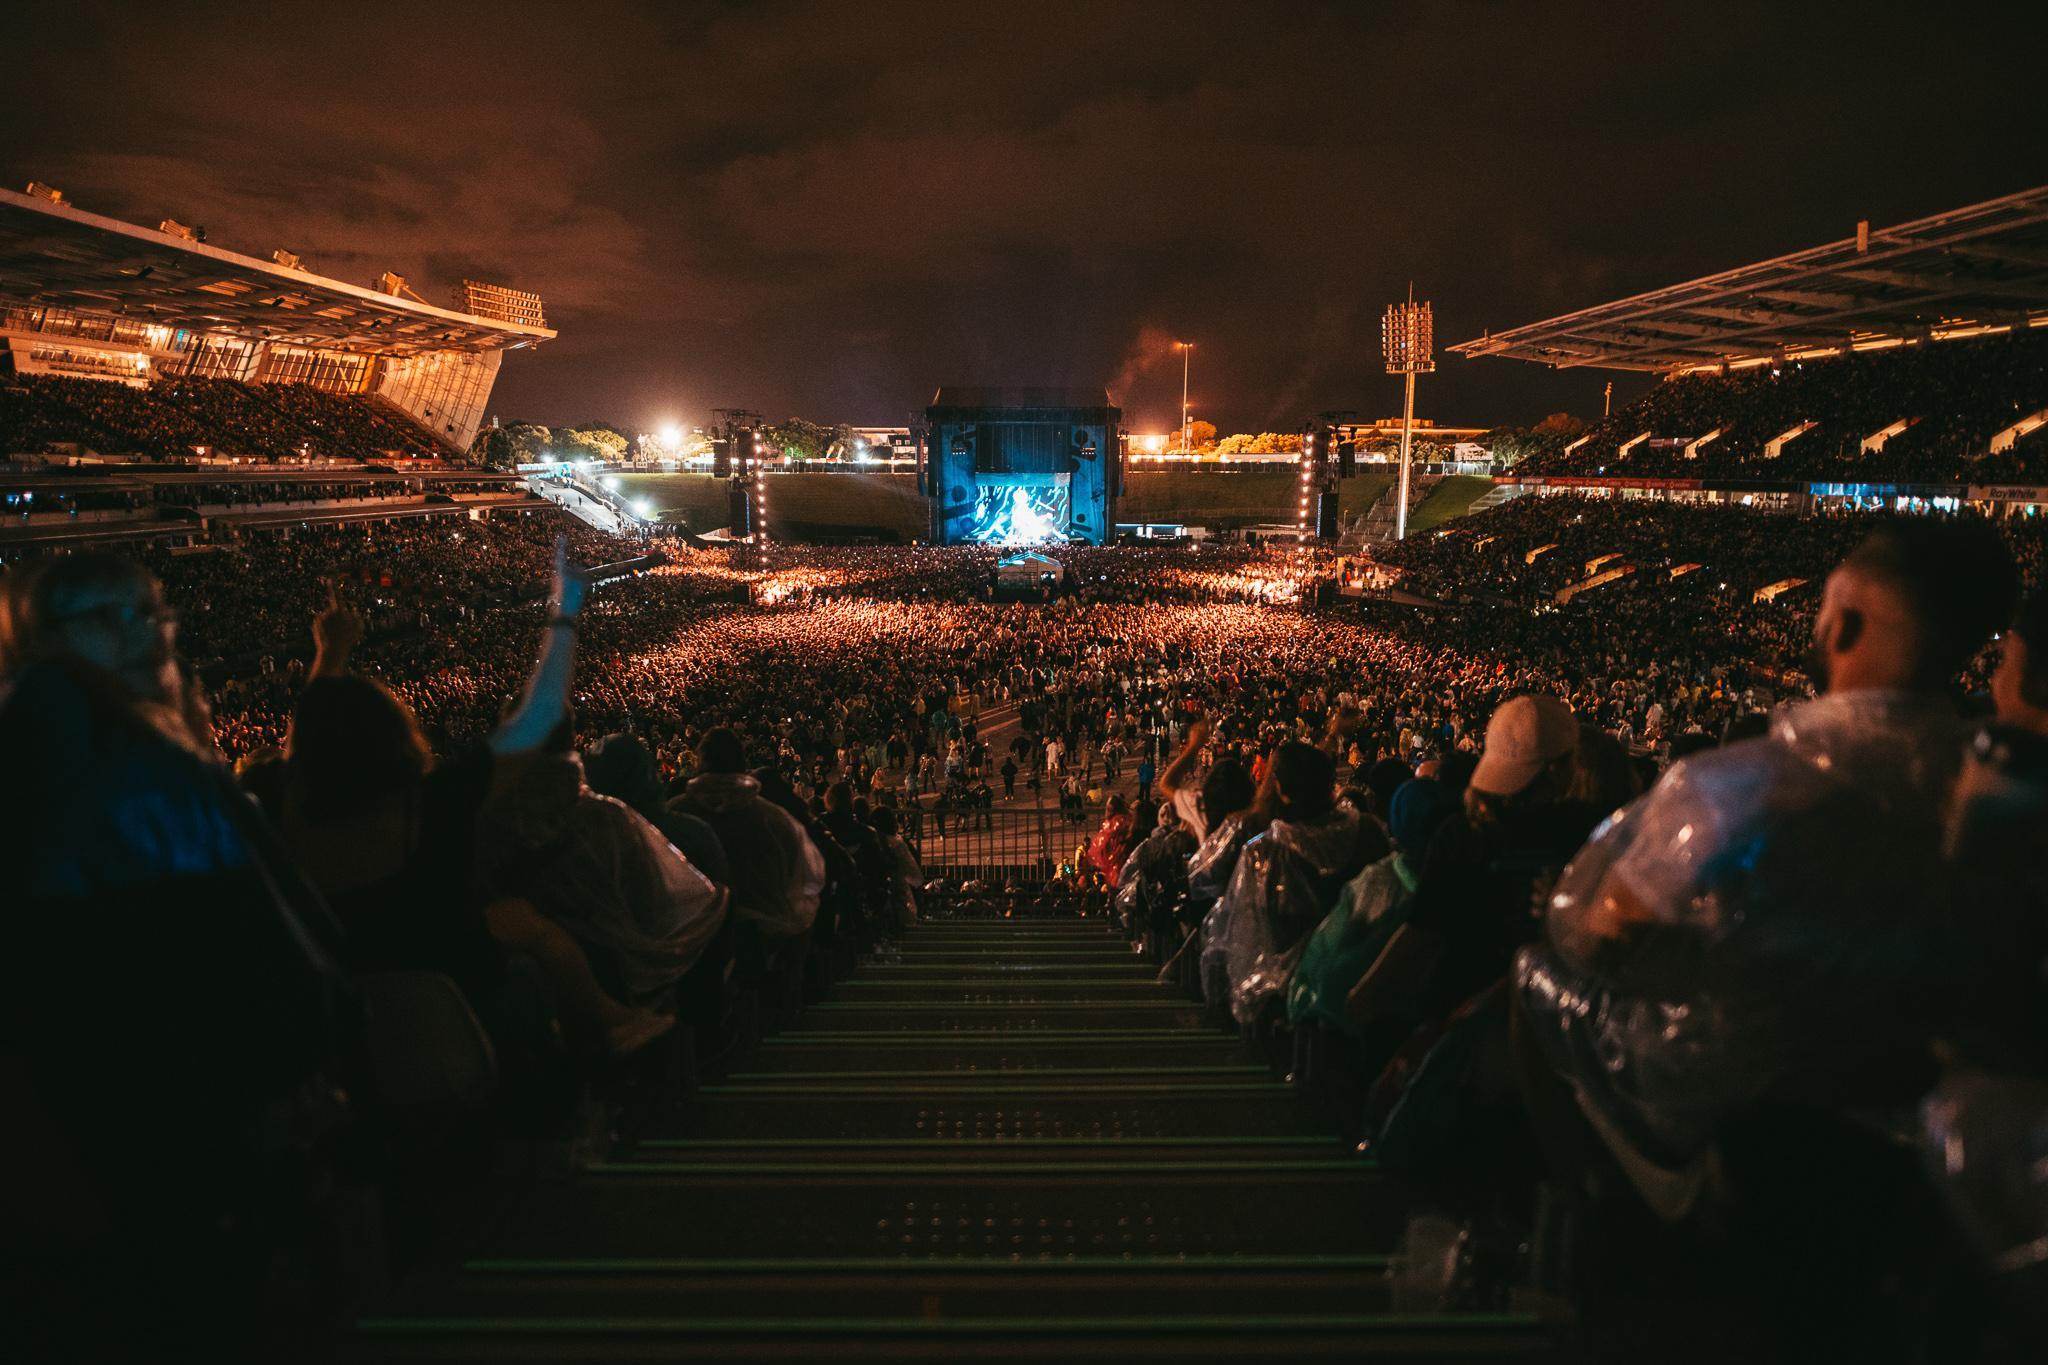 https://rfacdn.nz/conventions/assets/media/mt-smart-stadium-concert-2s.jpg